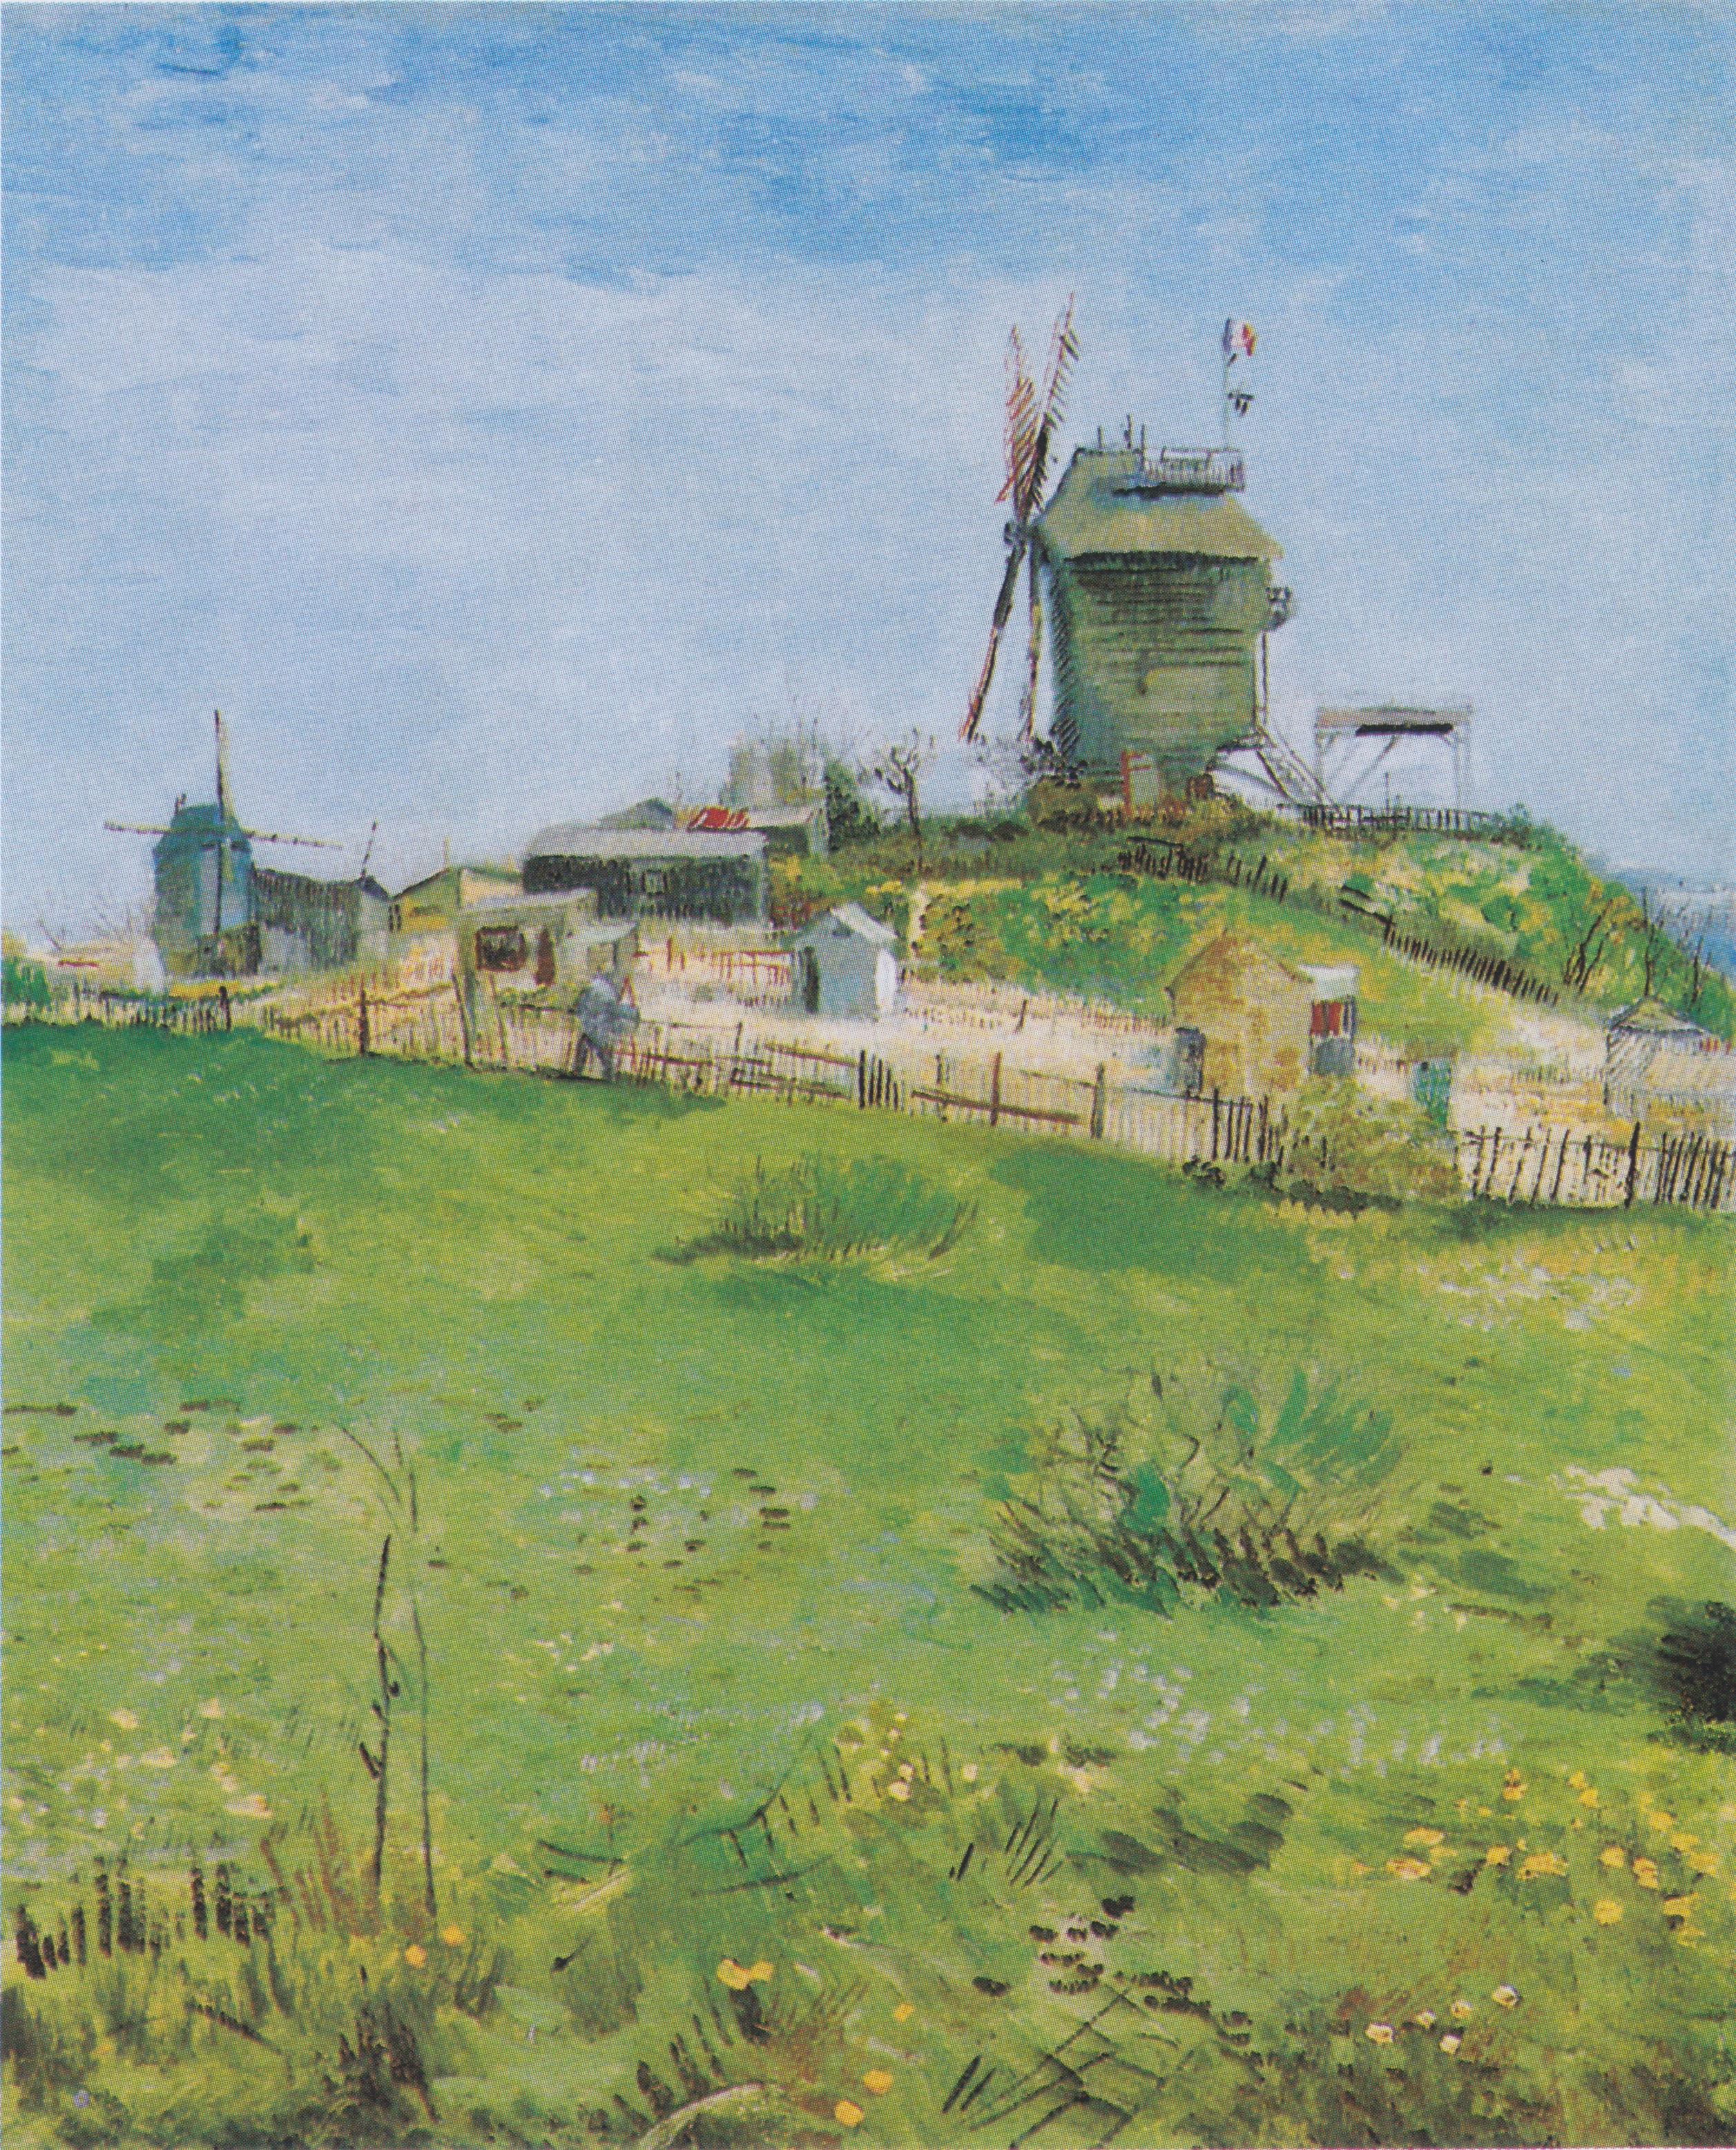 Le moulin de la galette (série de van gogh)   wikiwand